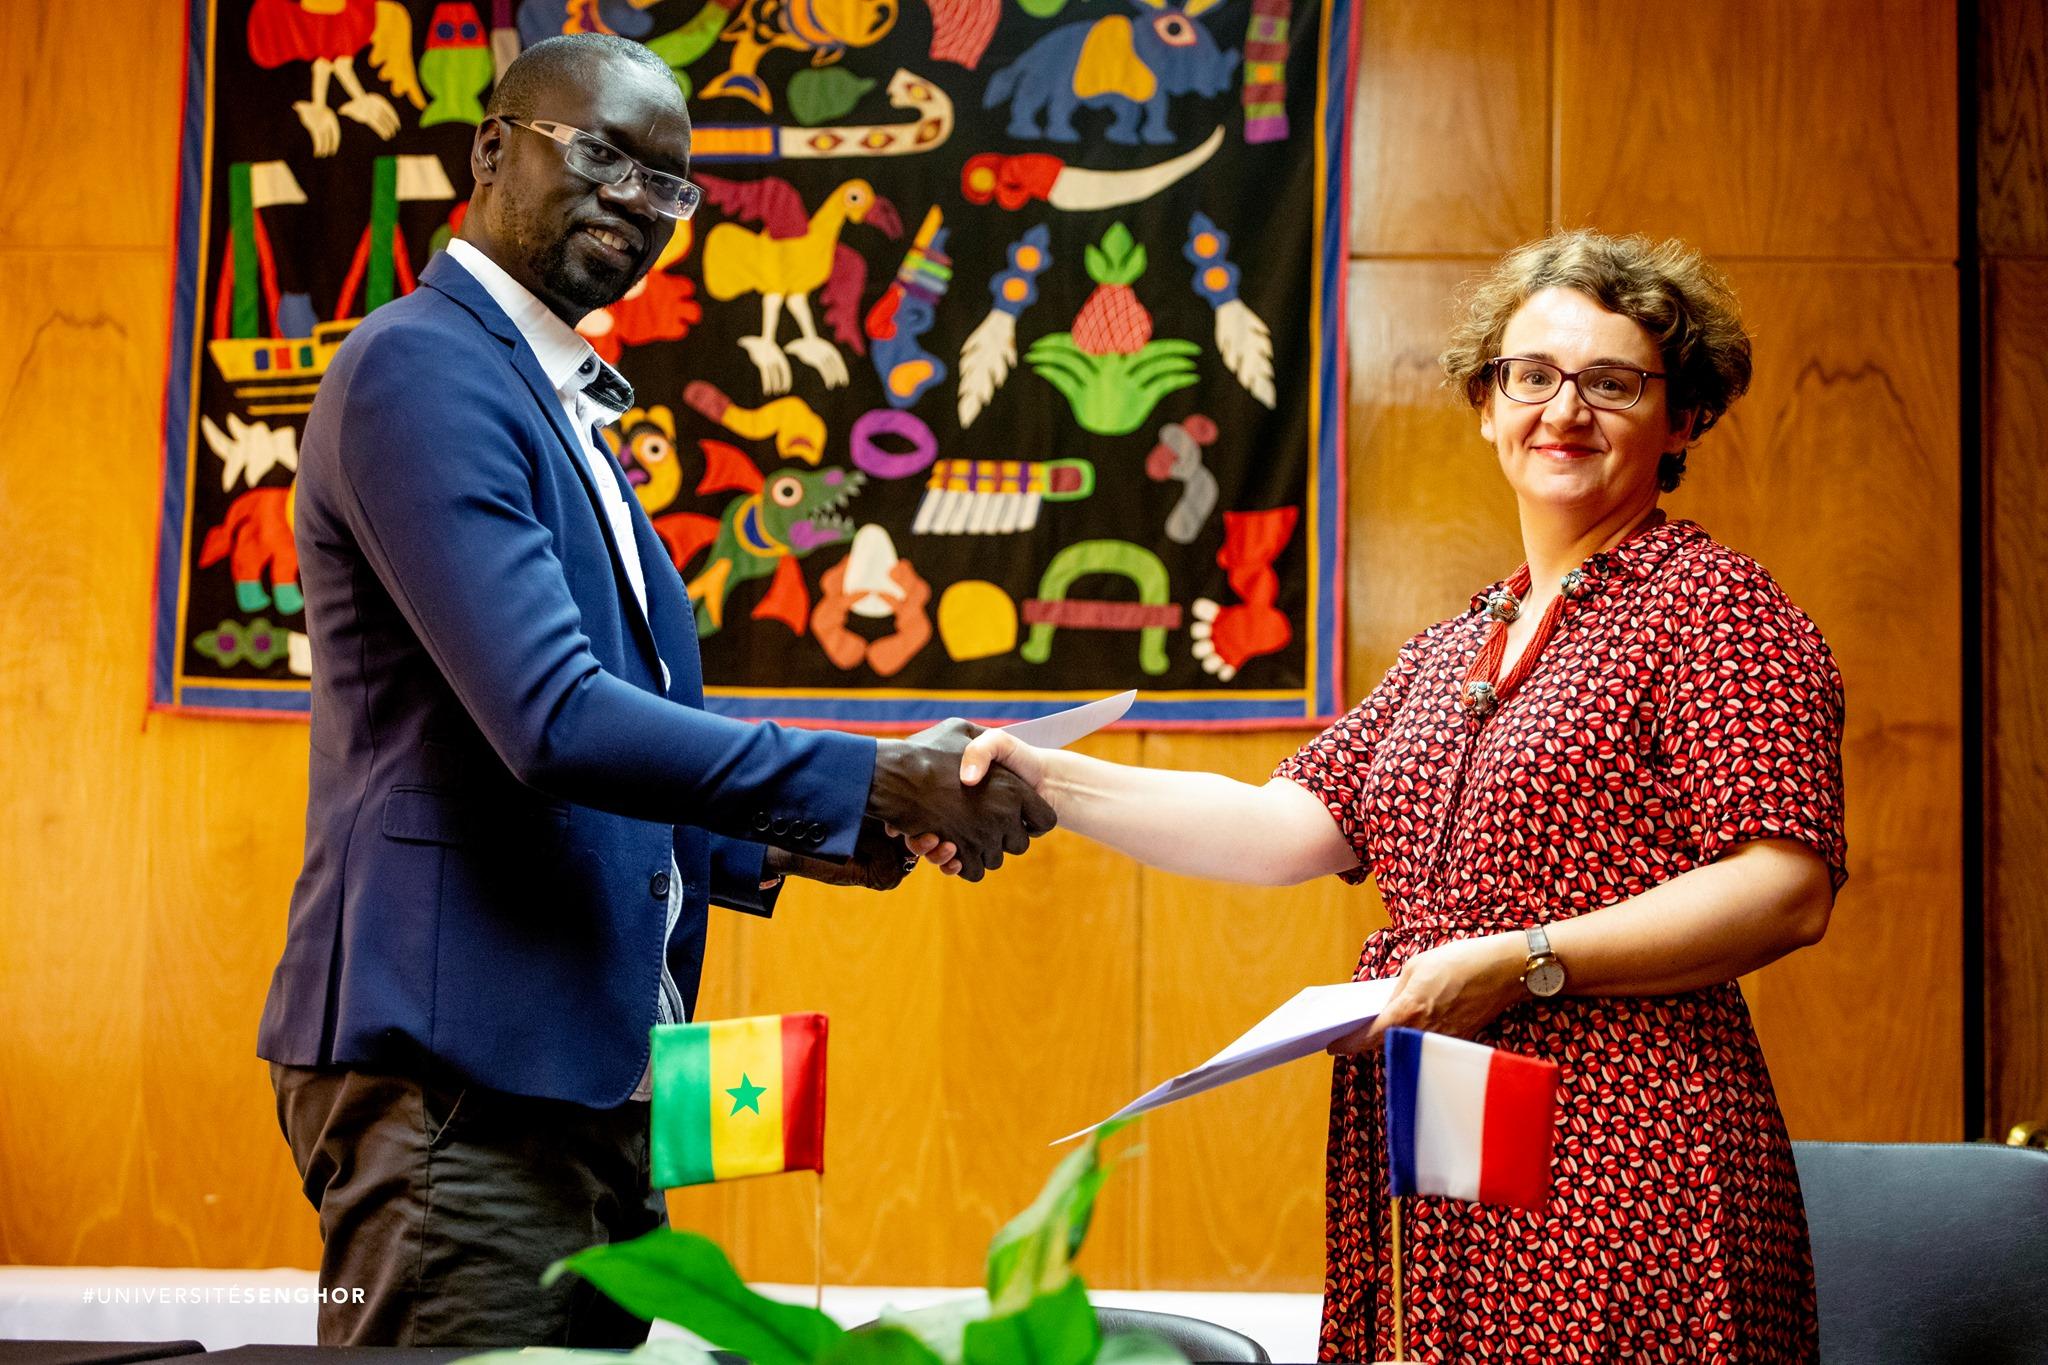 Michelle Bubenicek, directrice de l'École, et Moustapha Mbengue, directeur de l'EBAD, signent un accord-cadre entre leurs établissements